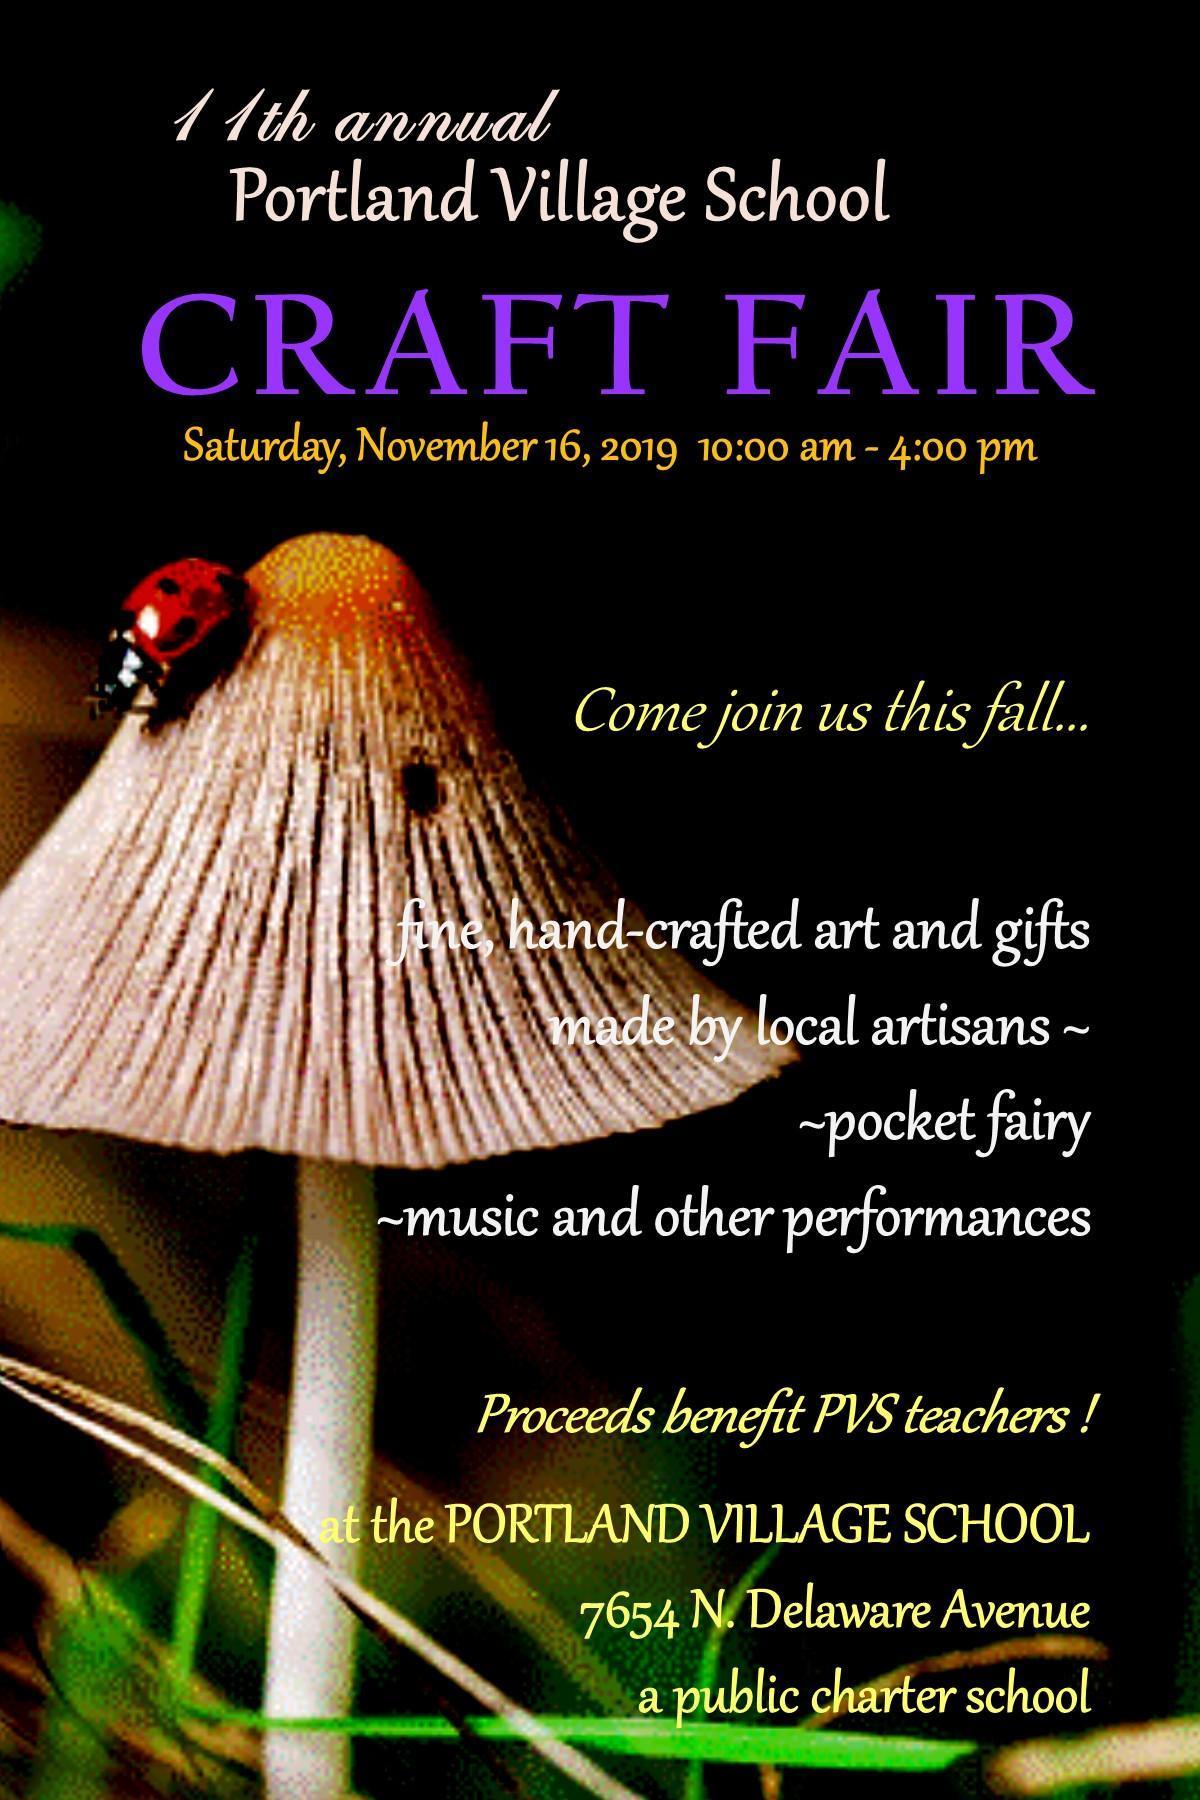 craft fair flyer. Nov 16. 10-4.